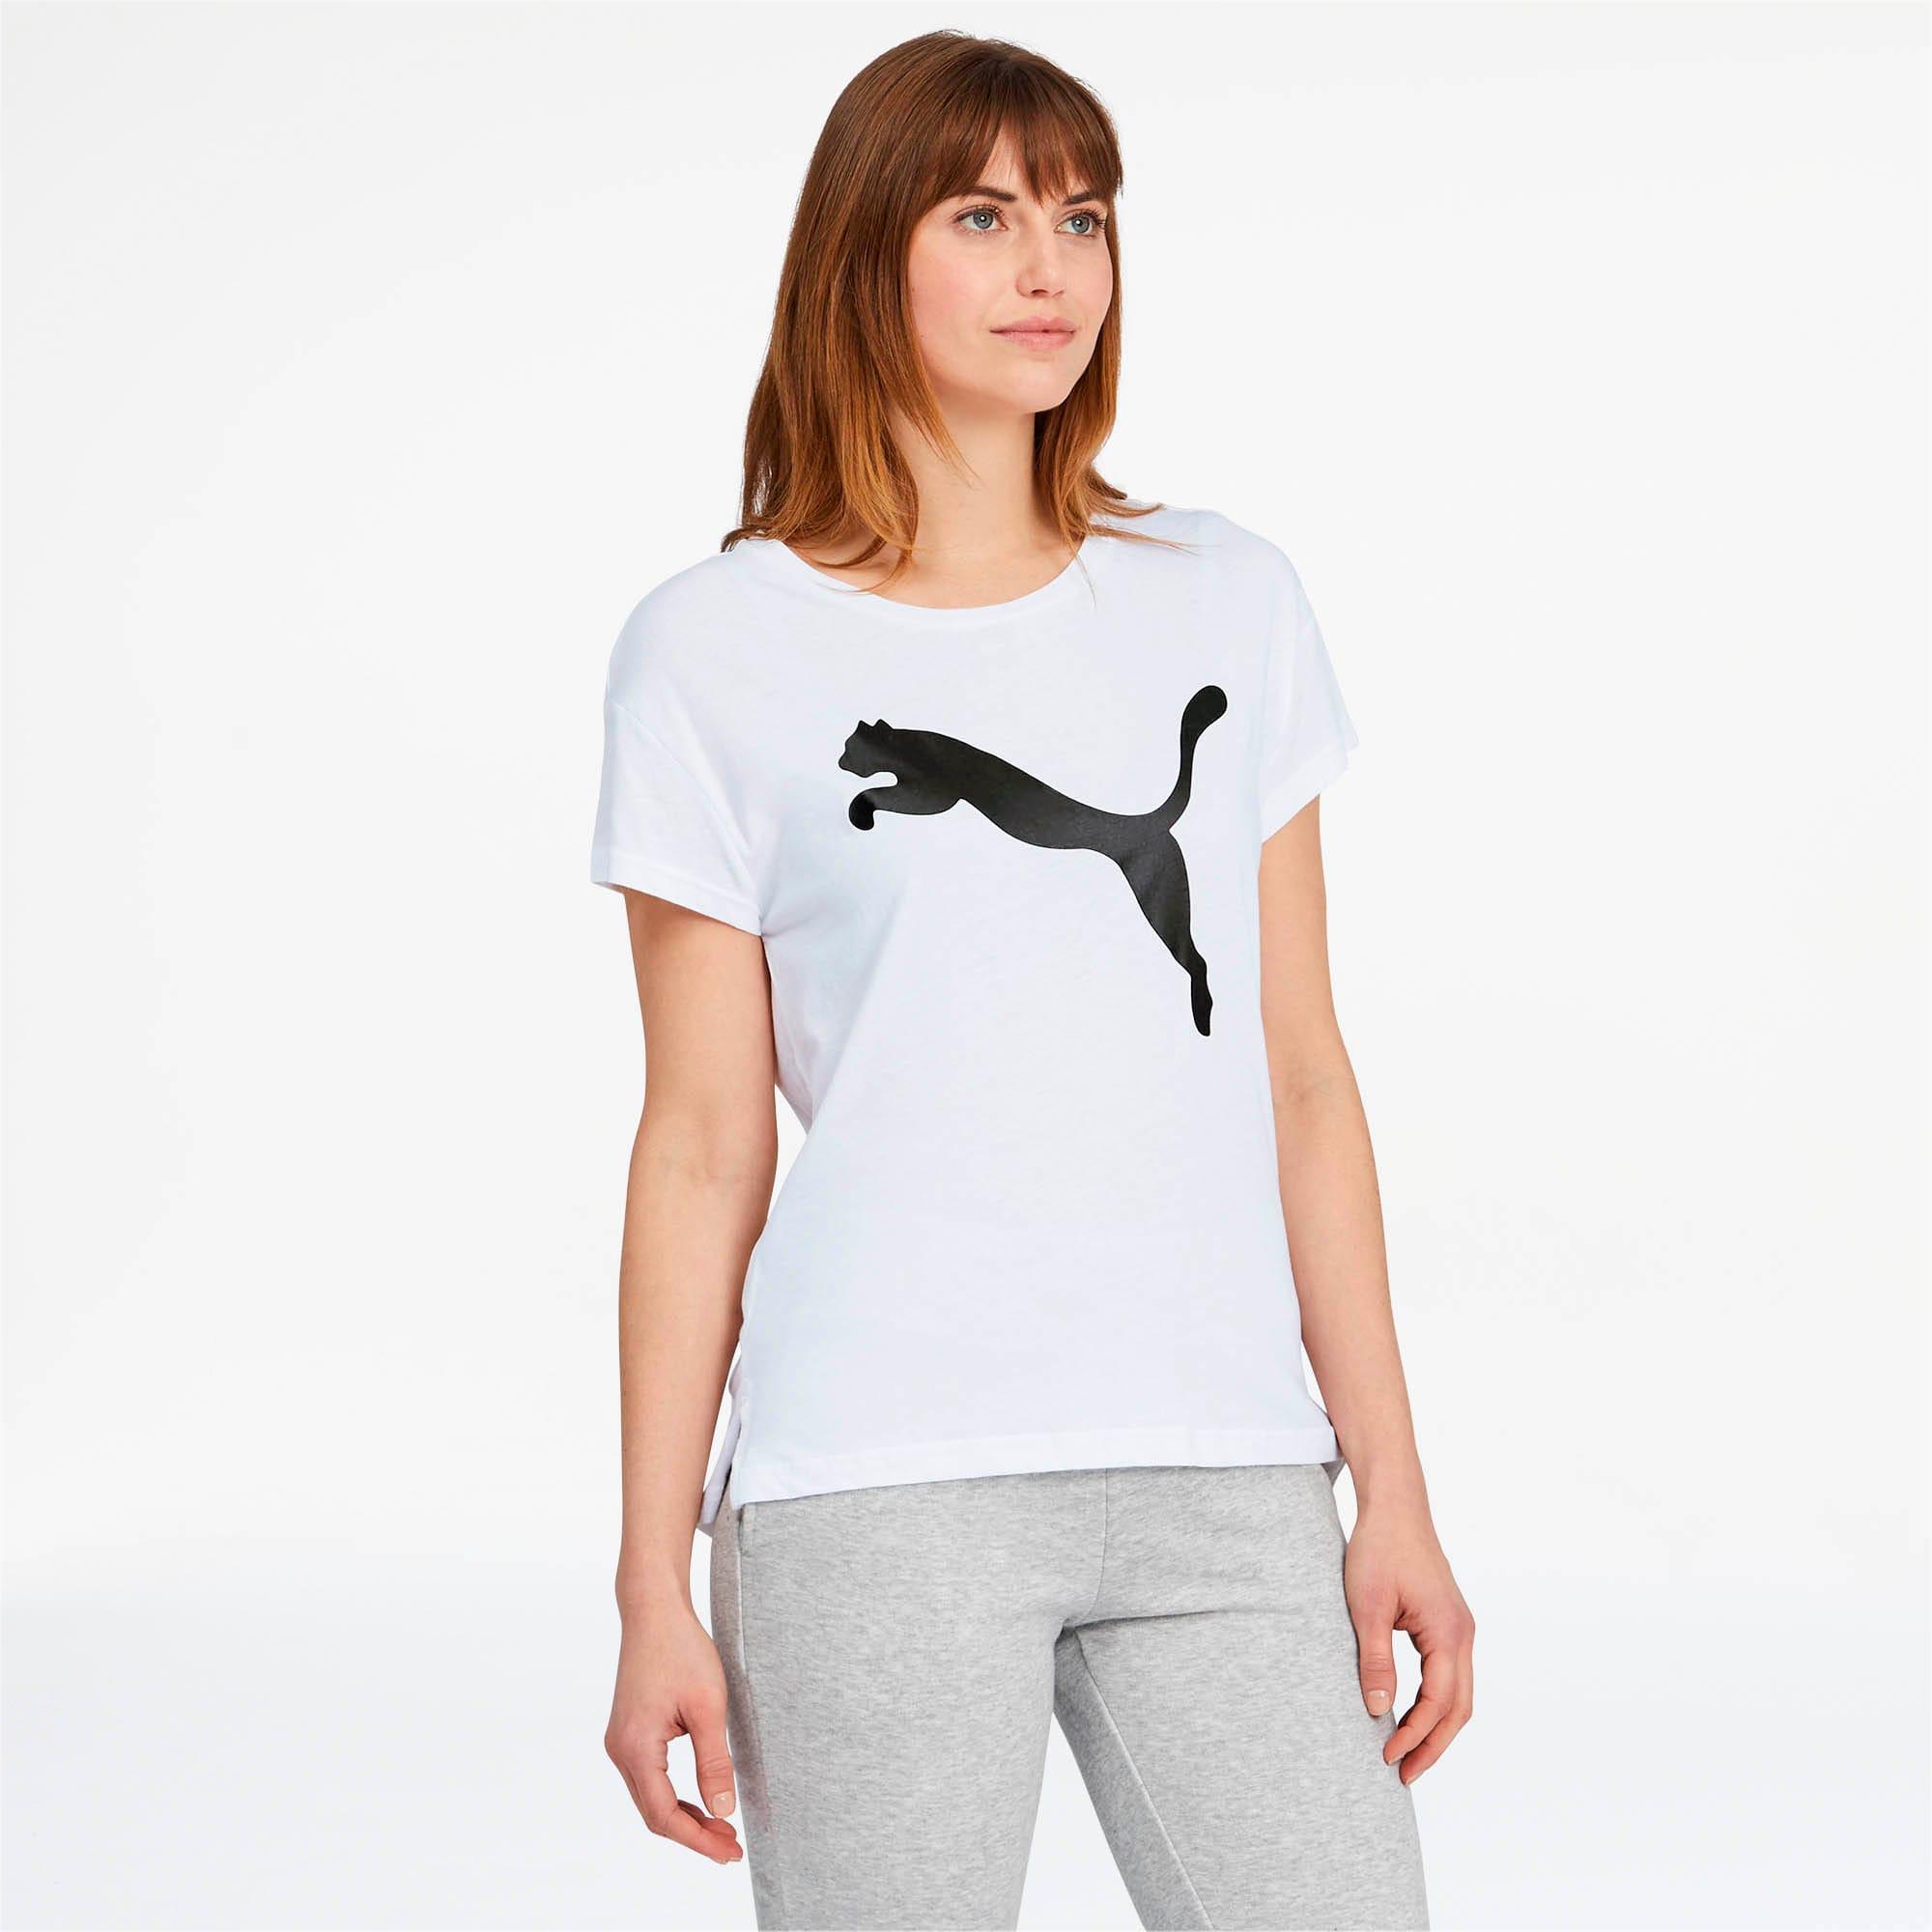 Thumbnail 1 of Active Women's Logo Tee, Puma White-Cotton Black, medium